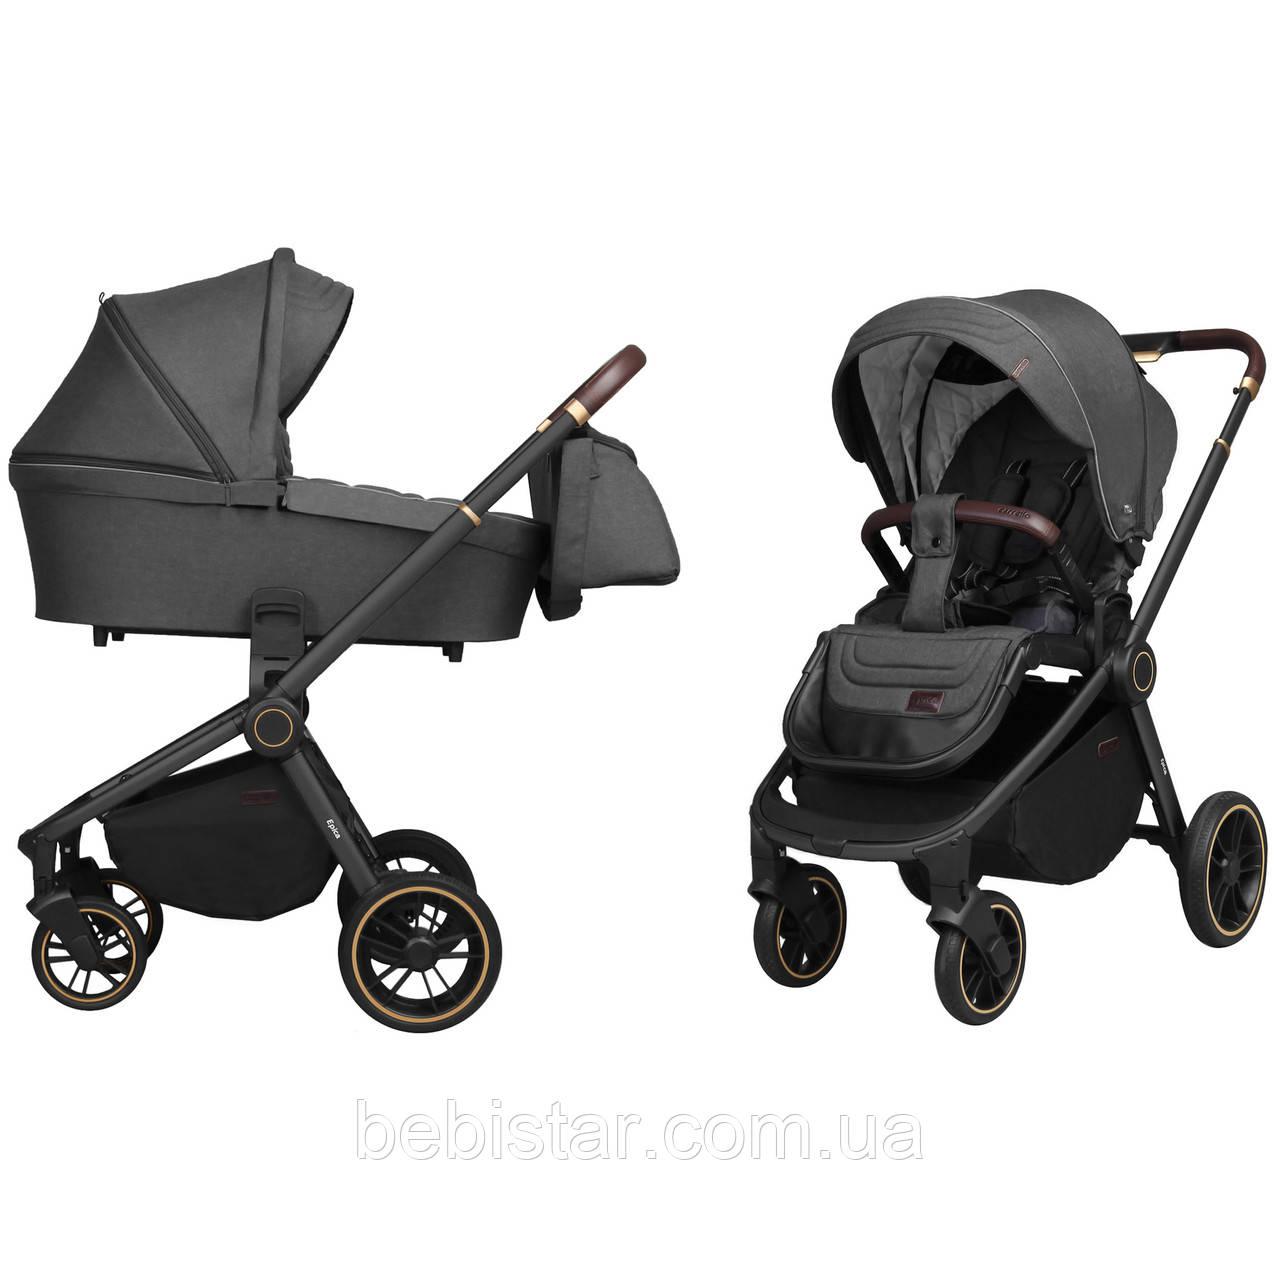 Универсальная детская коляска темно-серая Carrello Epicа 2в1 черная рама люлька прогулочный блок дождевик